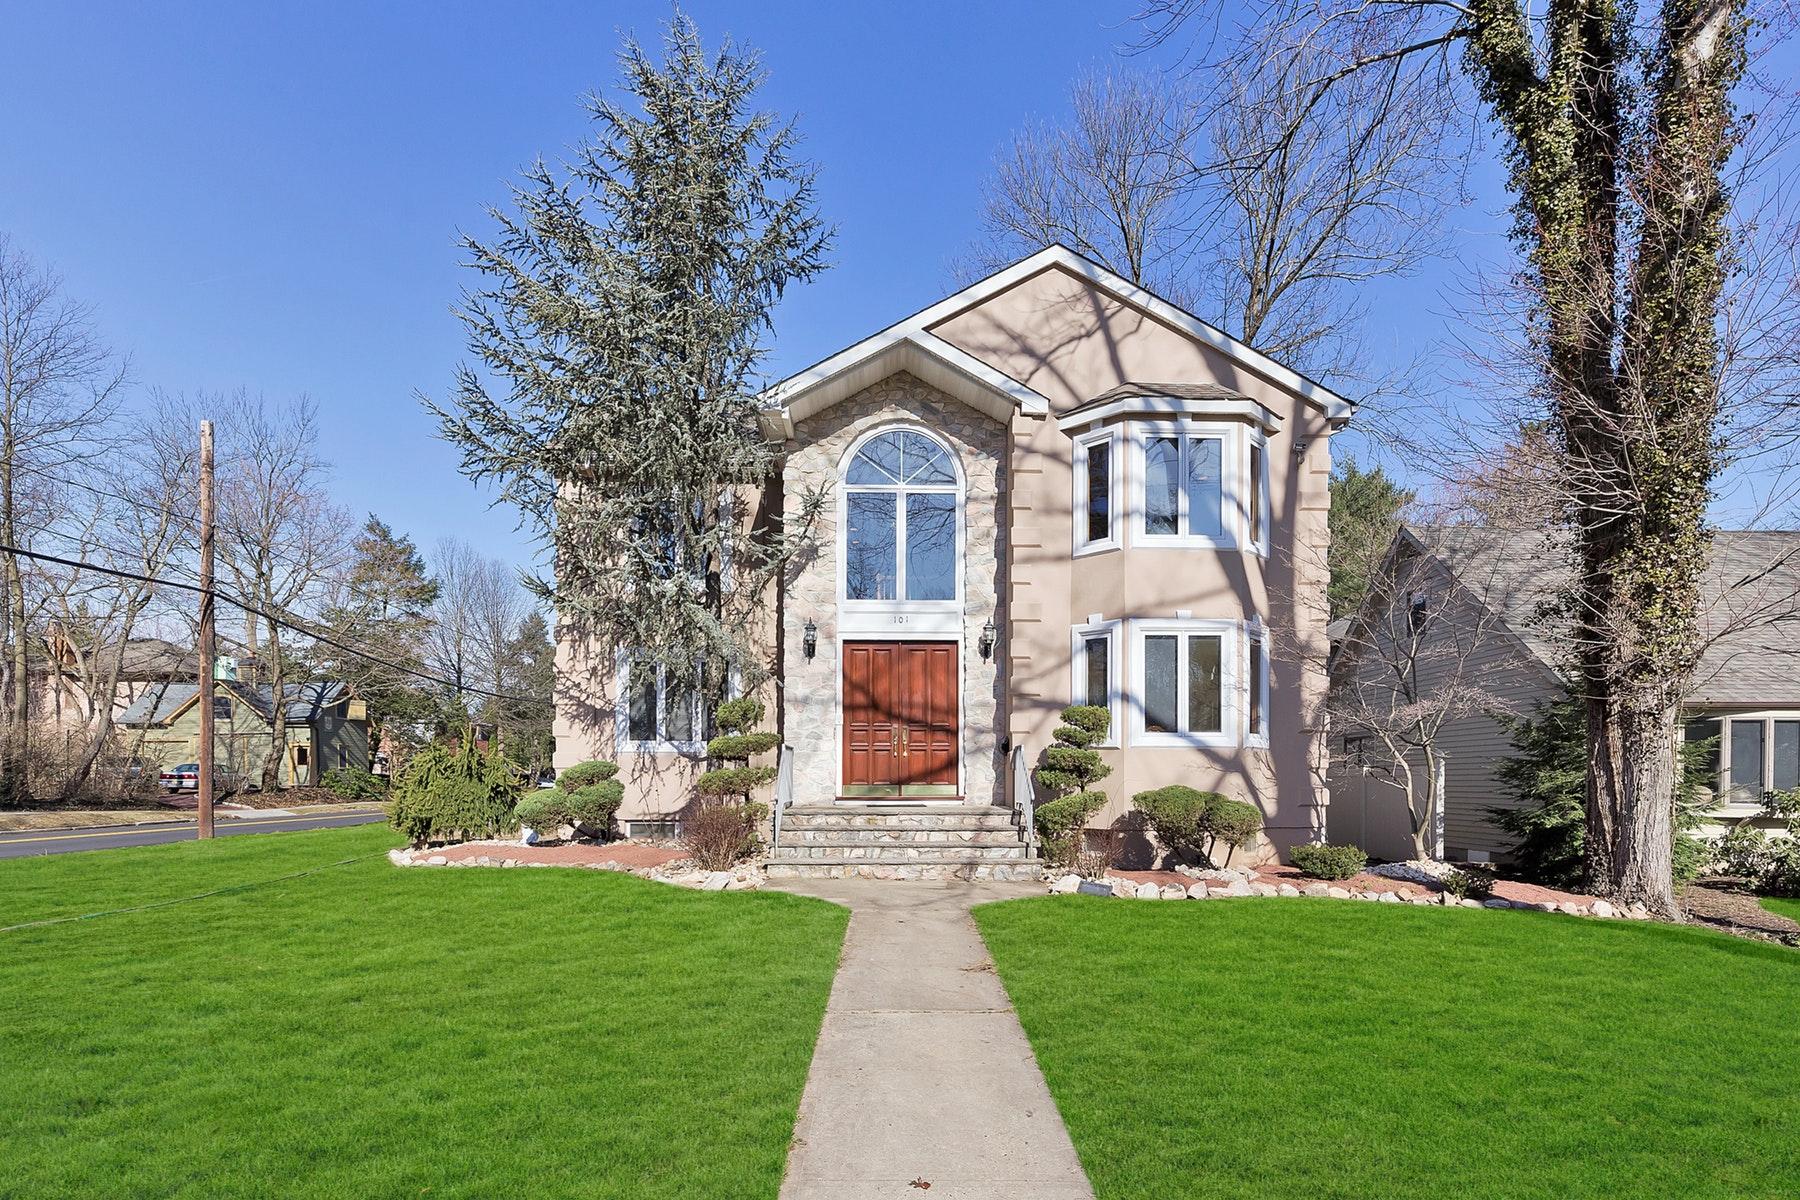 Maison unifamiliale pour l Vente à European Inspired Custom Colonial 101 Hampton Street, Cranford, New Jersey 07016 États-Unis